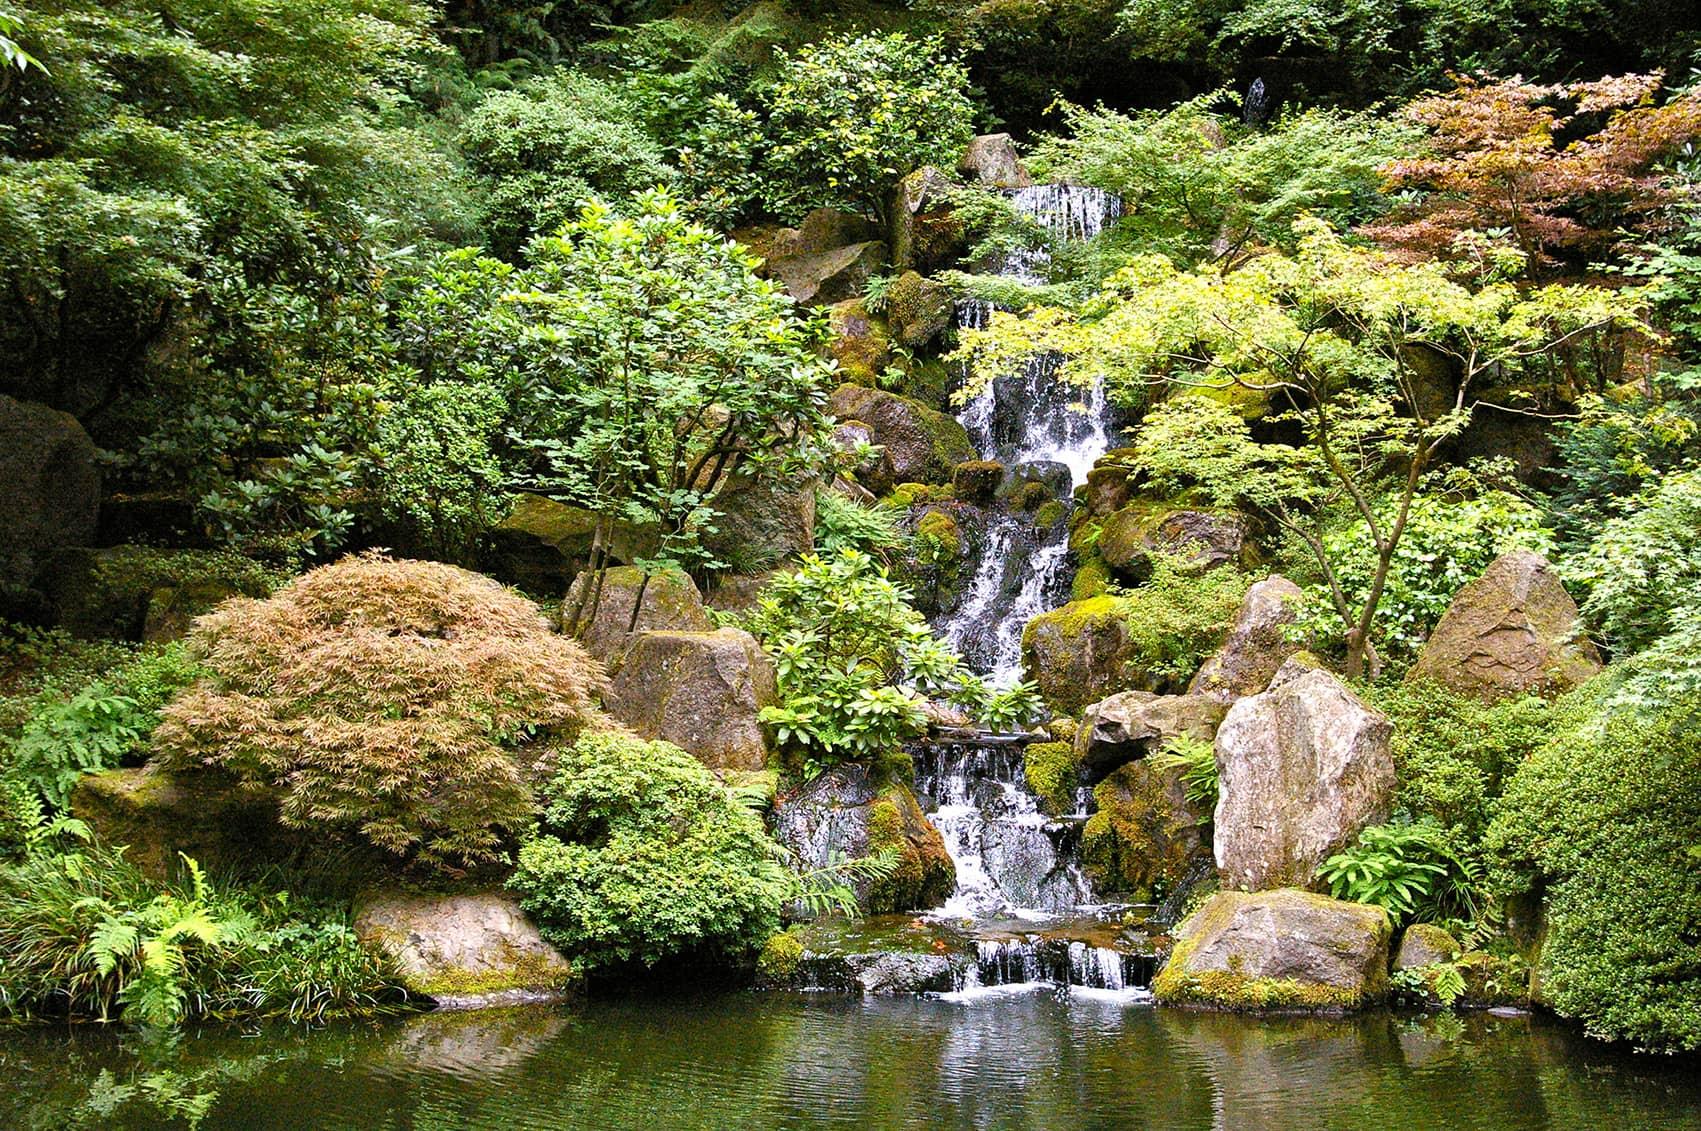 Tranh dán tường phong cảnh rừng núi 6959